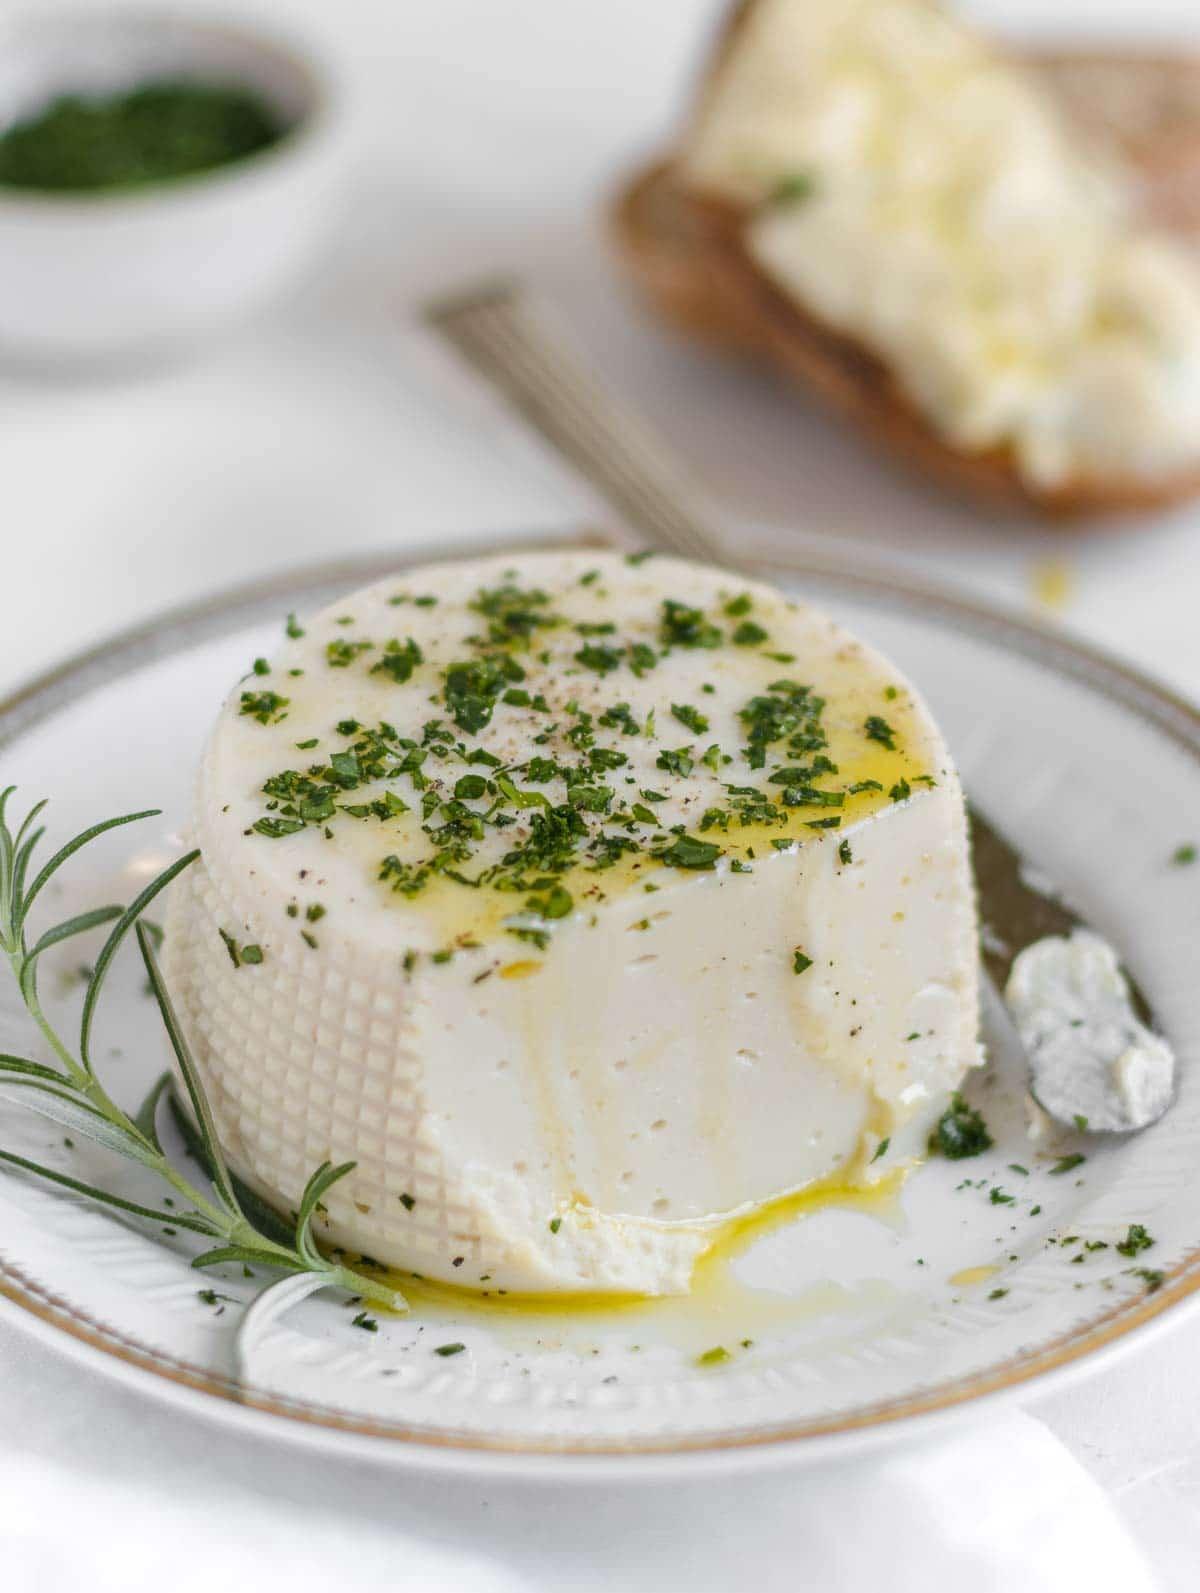 Vegan stracchino - Italian soft cheese